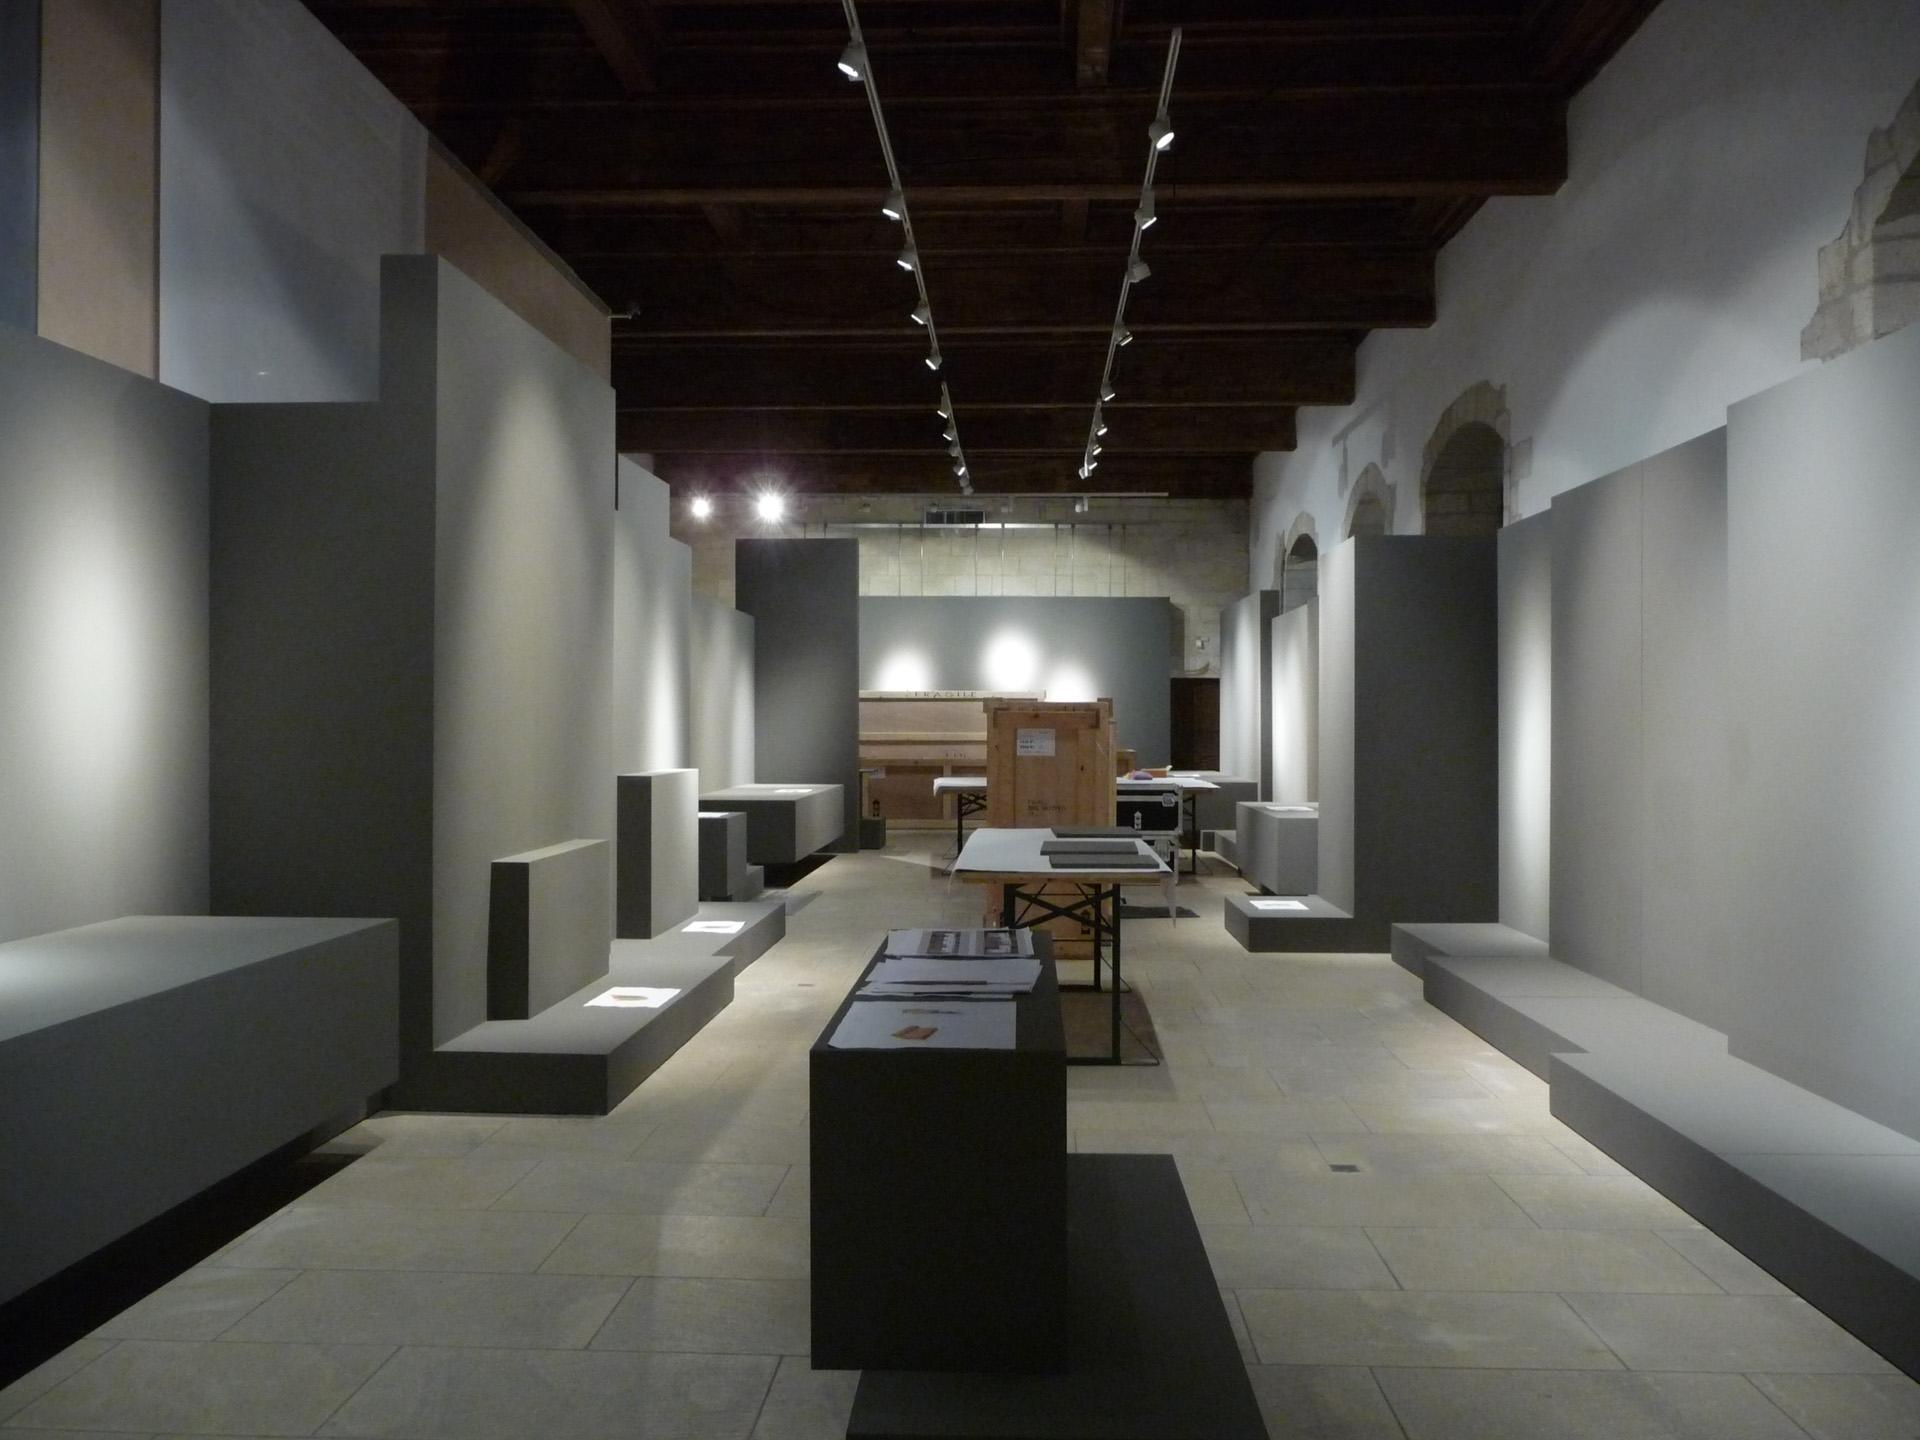 003-AtelierTournillon-Exposition-TERRA-MARE